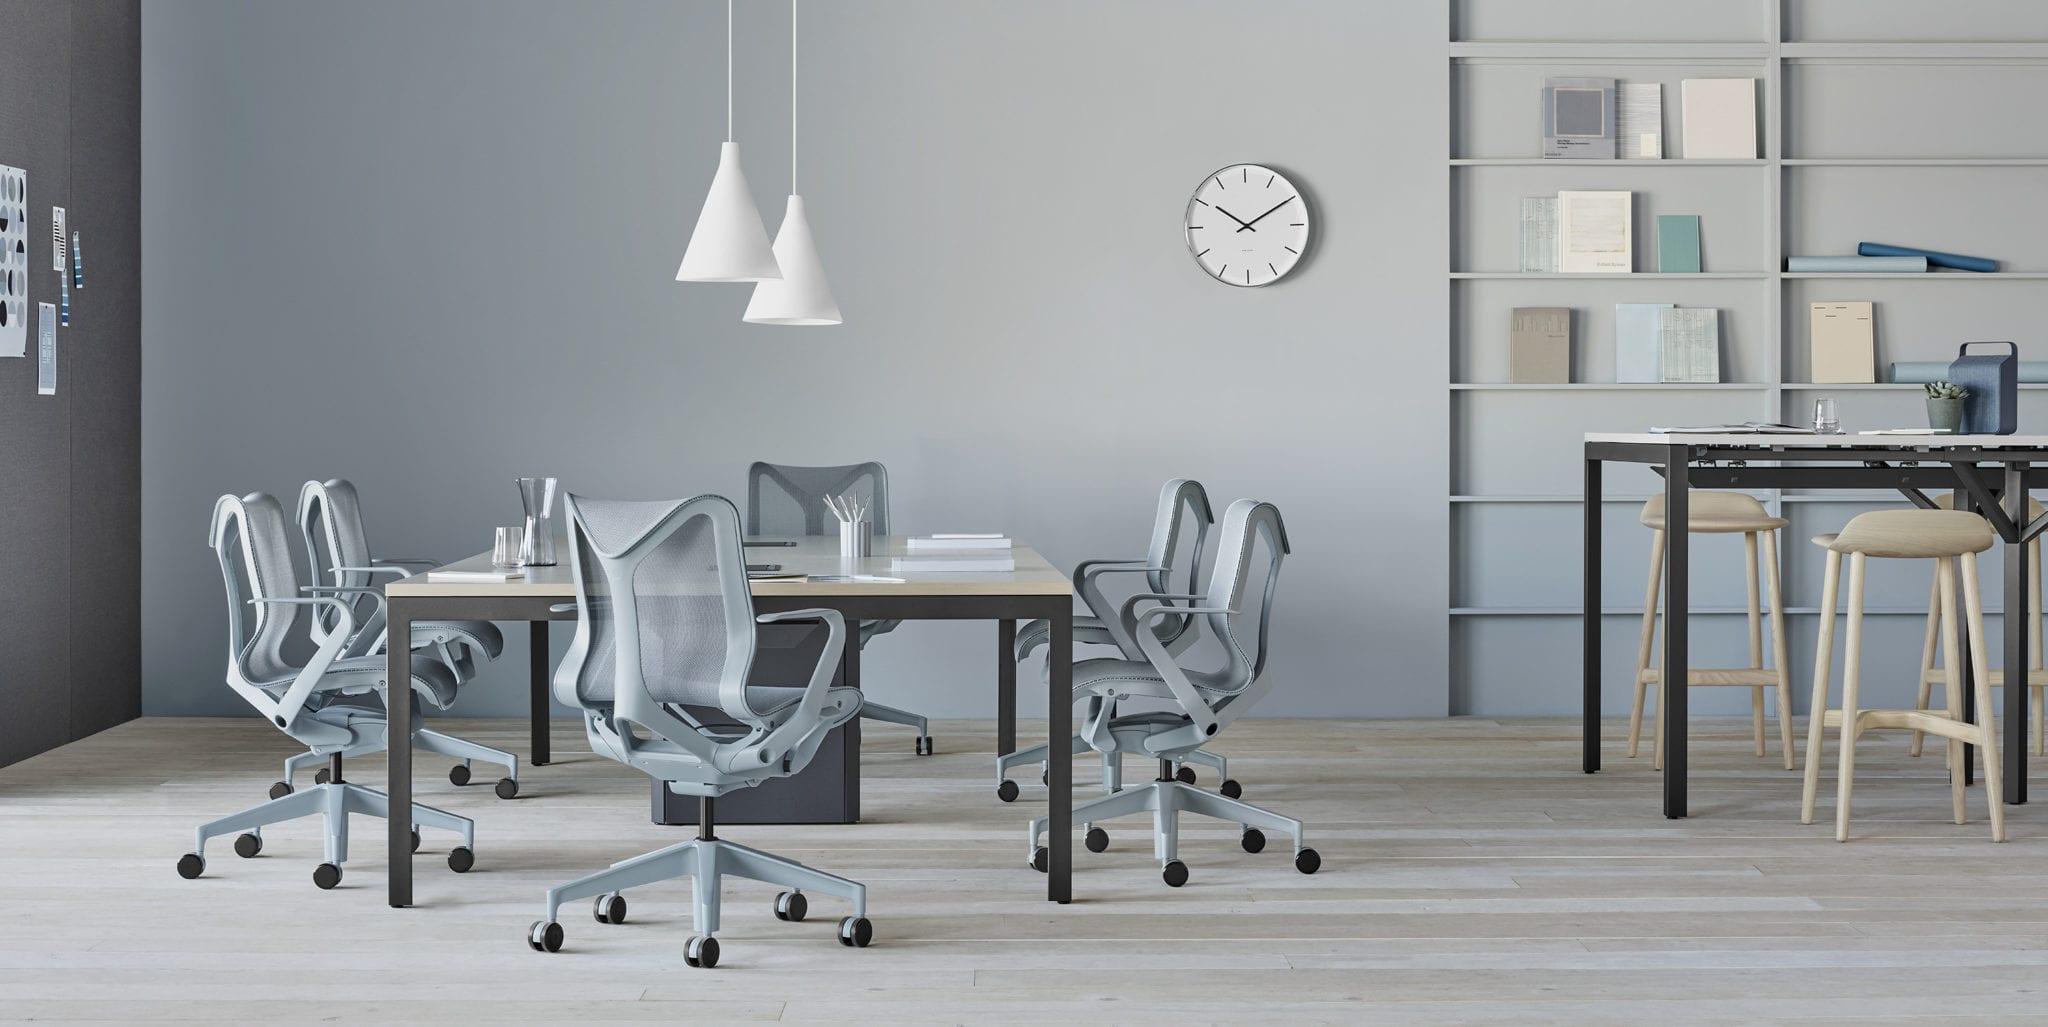 COSM Herman Miller 1 - Workspace Studio țintește o cifră de afaceri de 13 milioane euro în 2020